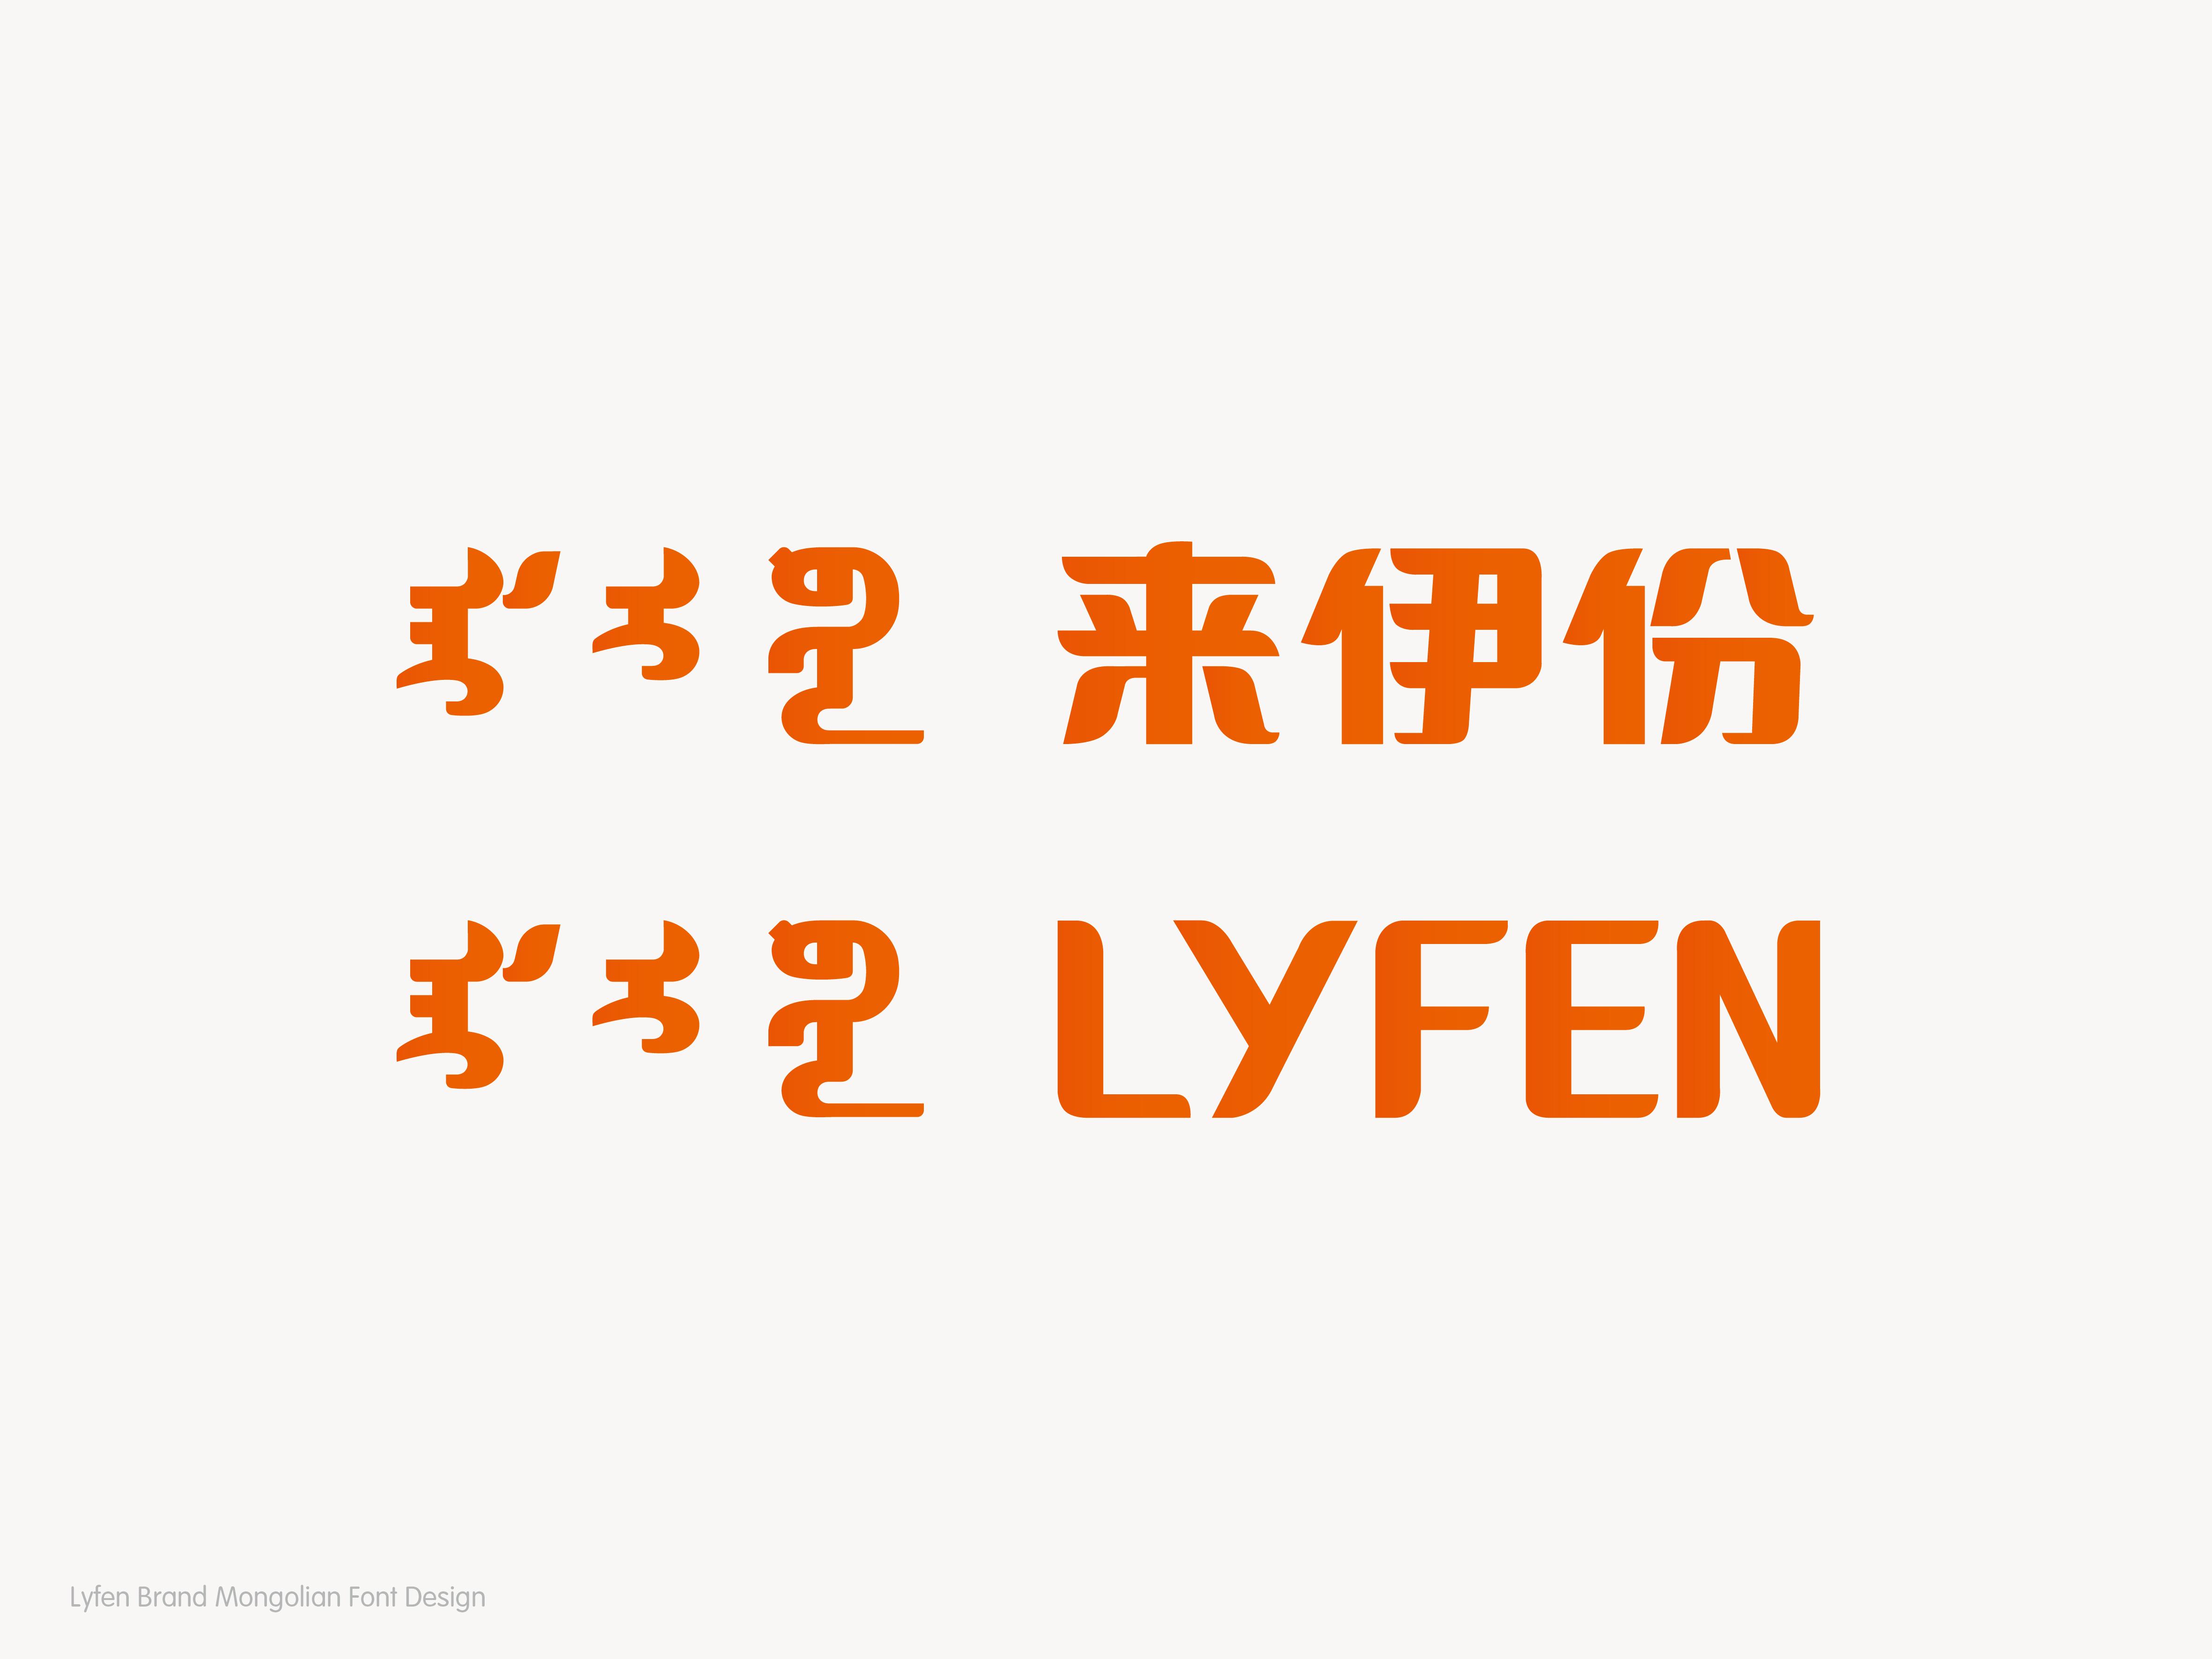 来伊份品牌蒙古文字体设计—包立华 第11张